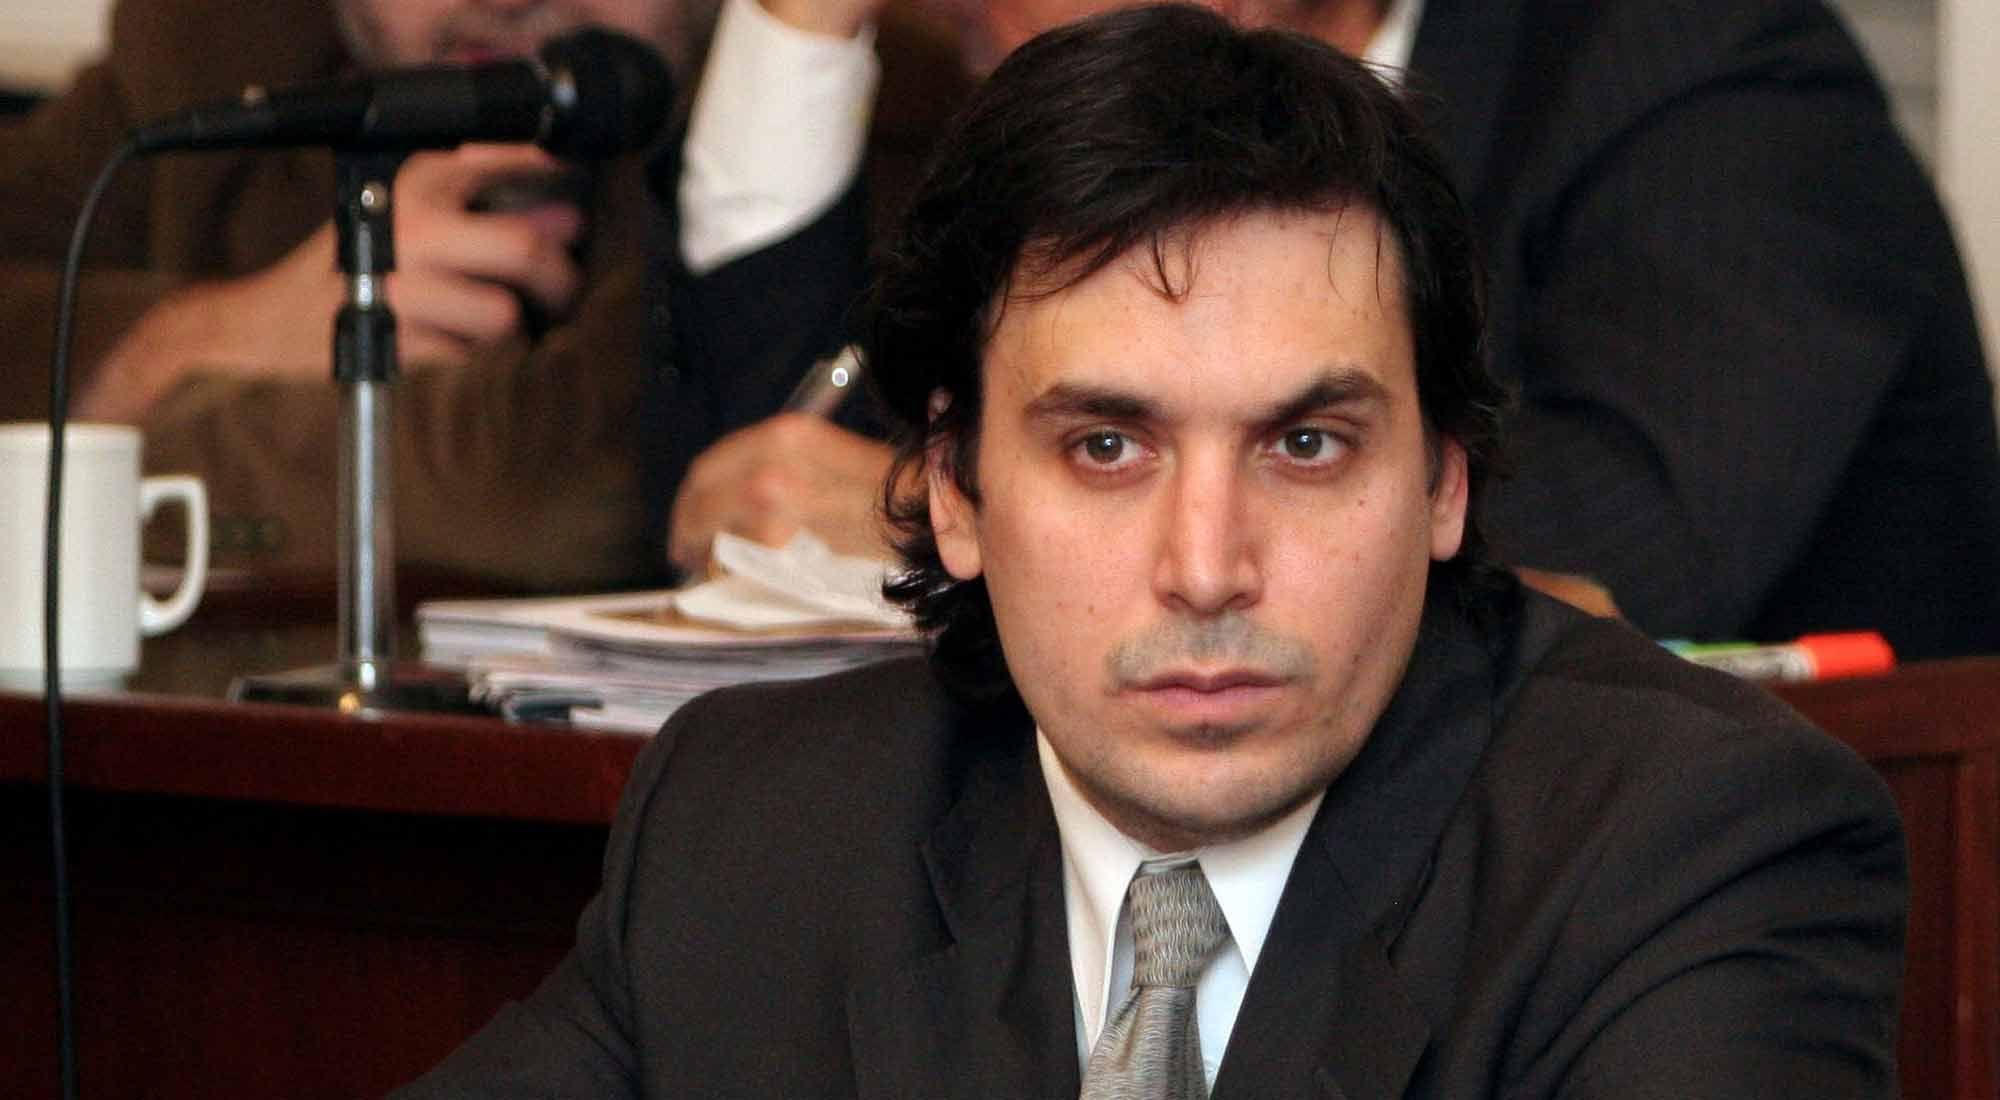 El juez Ramos Padilla irá al Congreso para informar sobre el caso D'Alessio